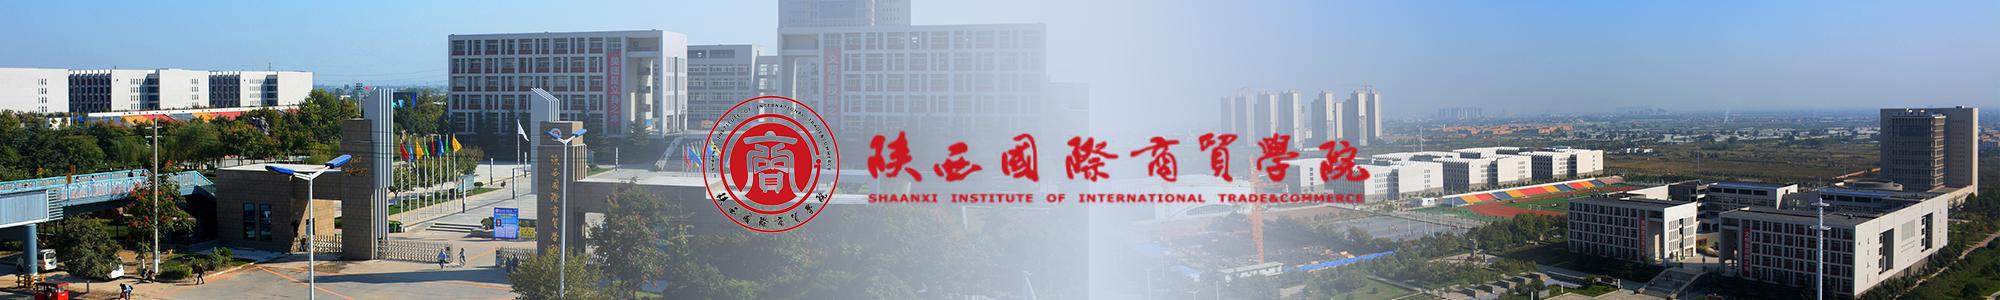 陕西国际商贸学院logo.jpg